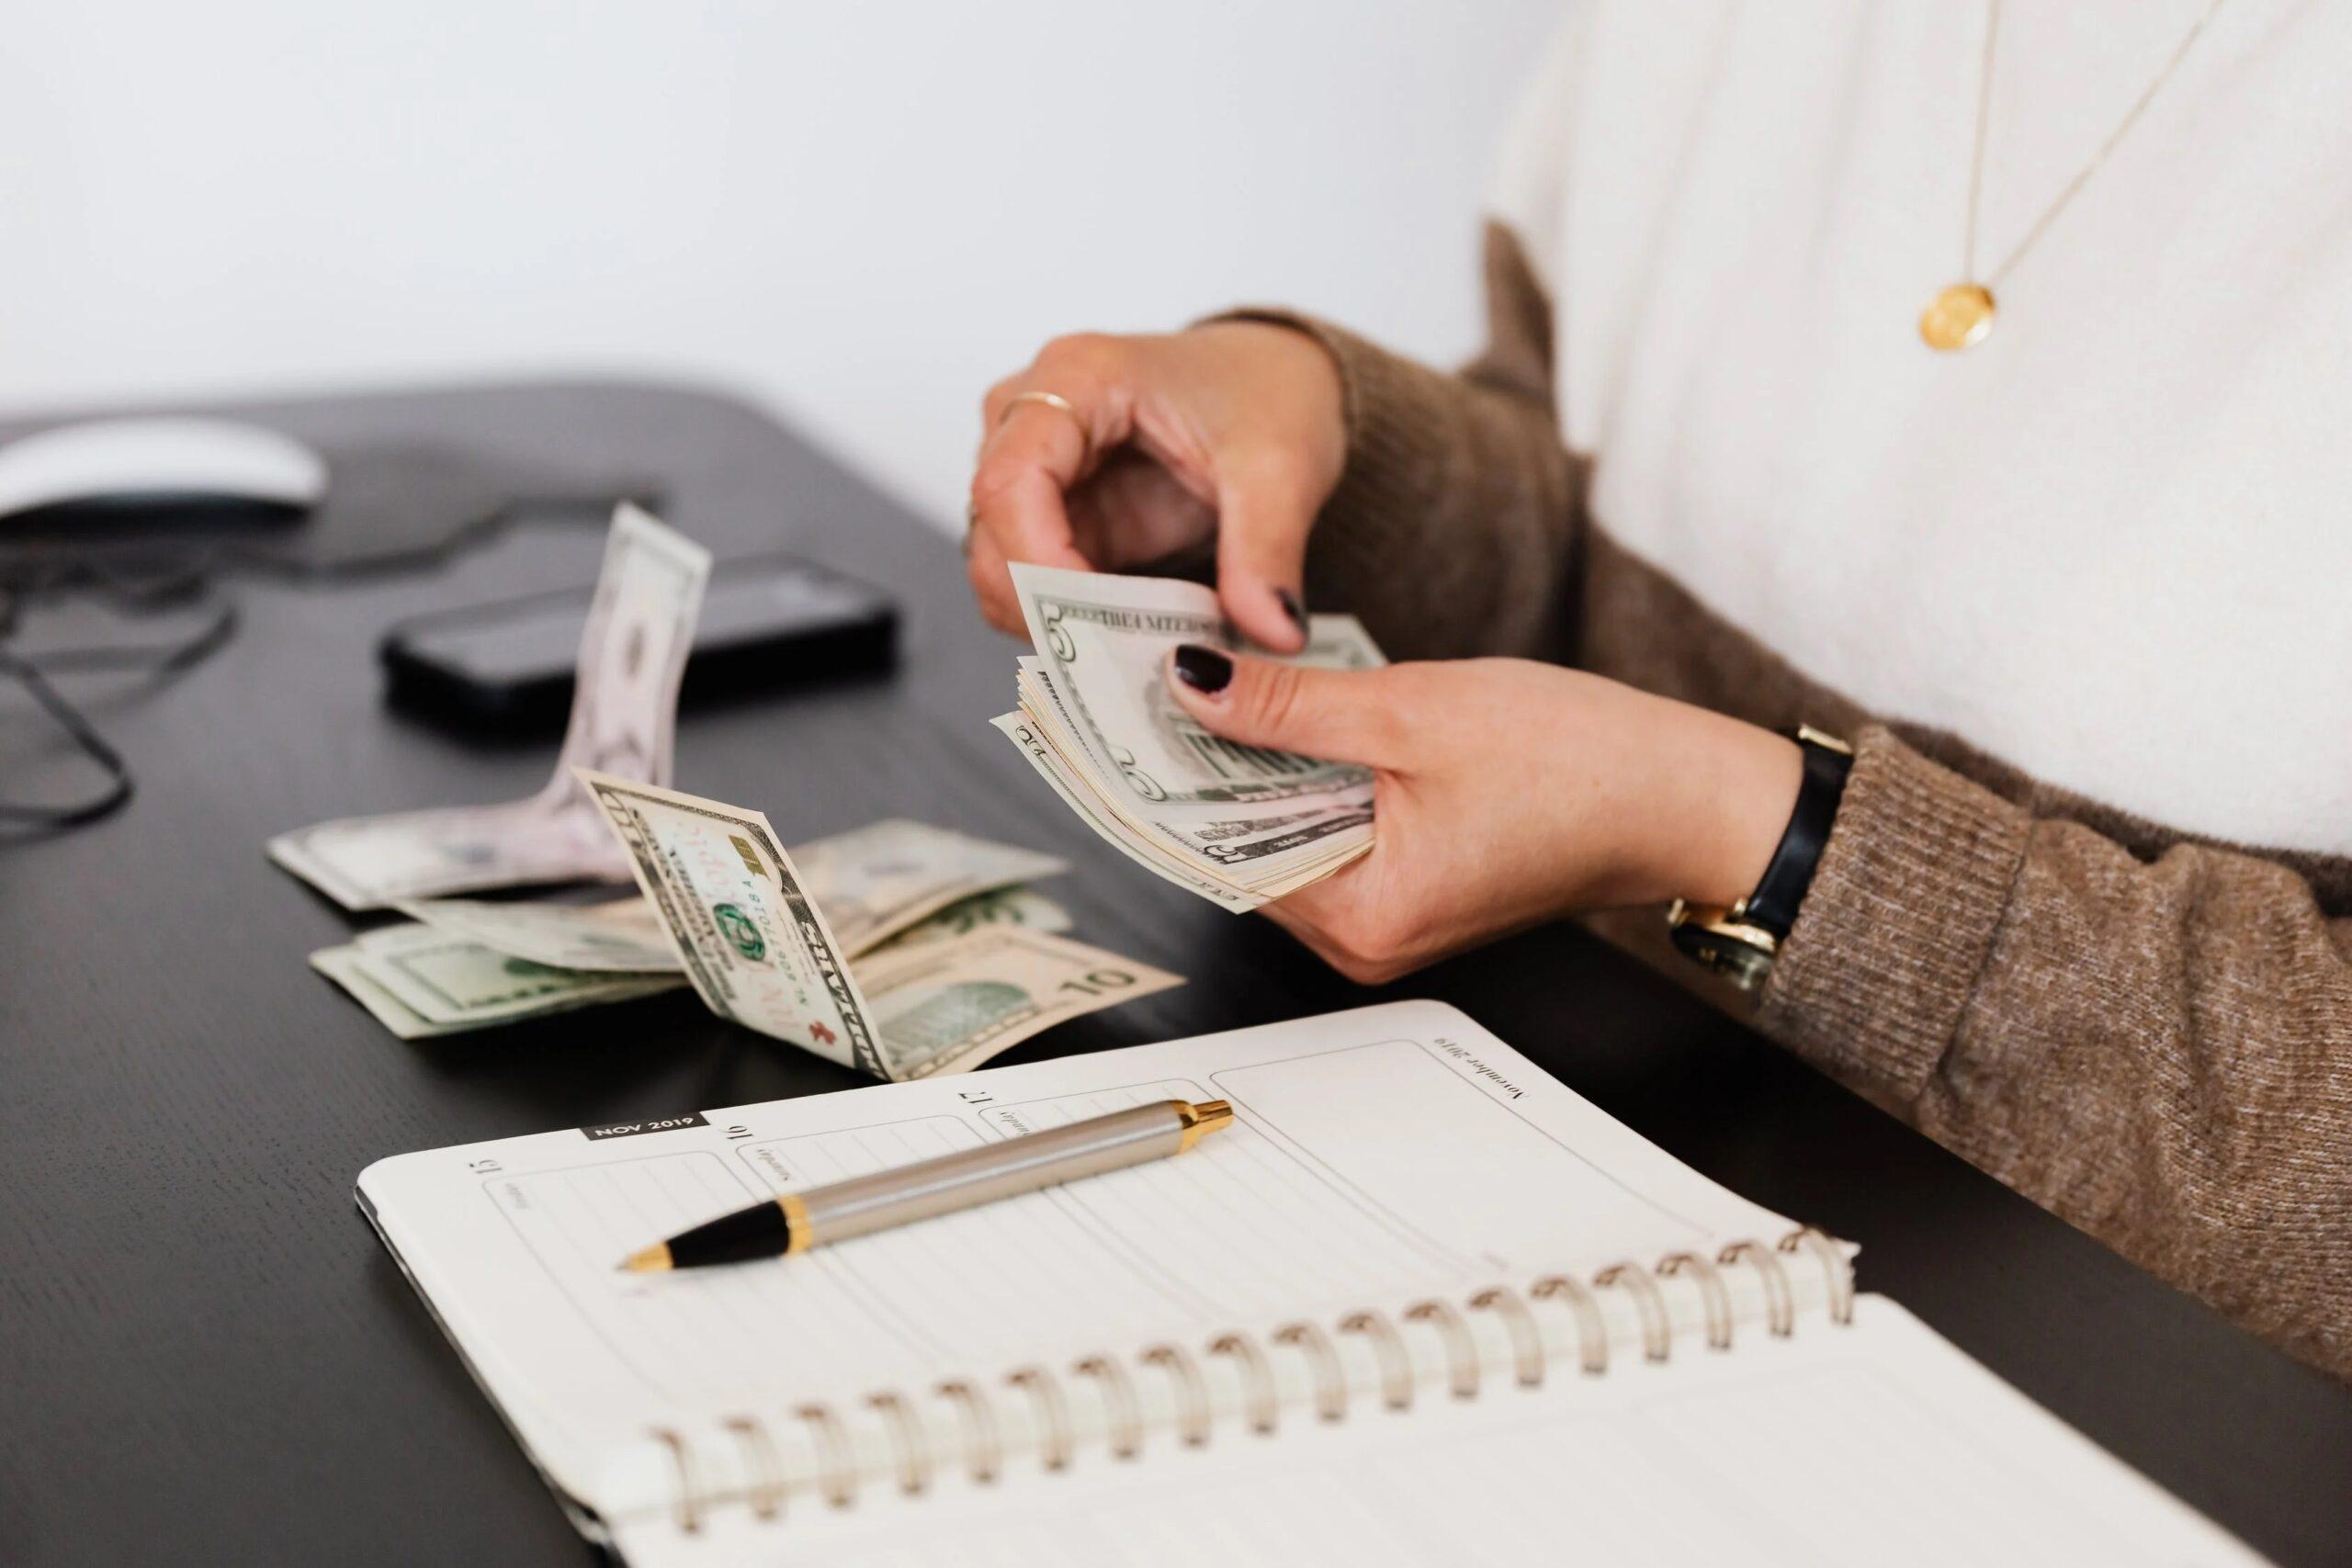 Hindari Jebakan Finansial yang Bikin Kelas Menengah Sulit Berkembang